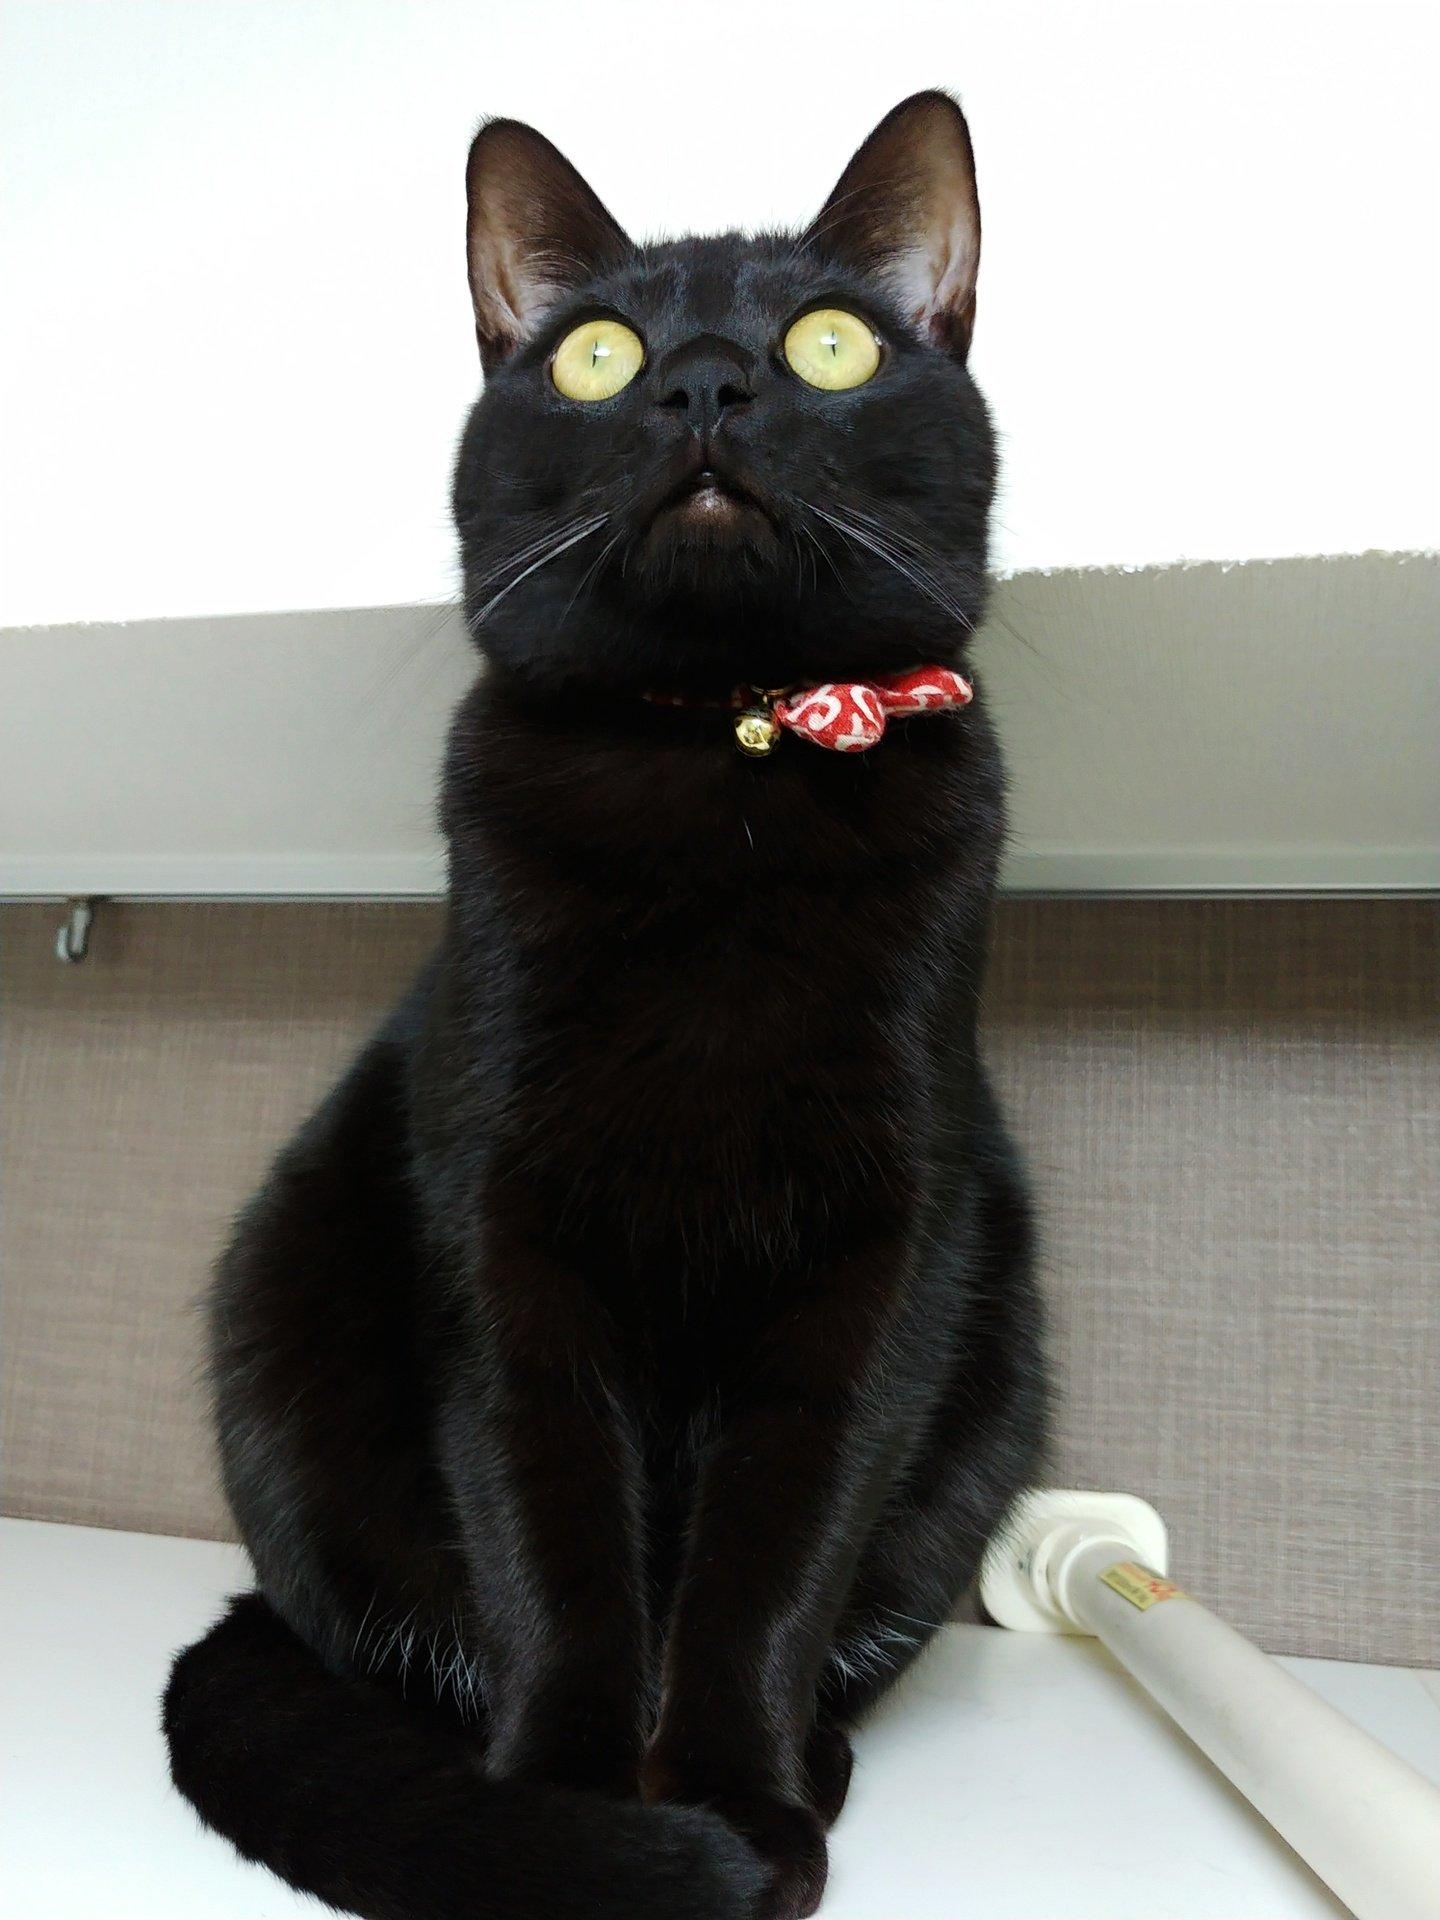 可愛いけどちょっと怖い? !虫を見つけた時に宇宙と交信しているような顔になる猫! !